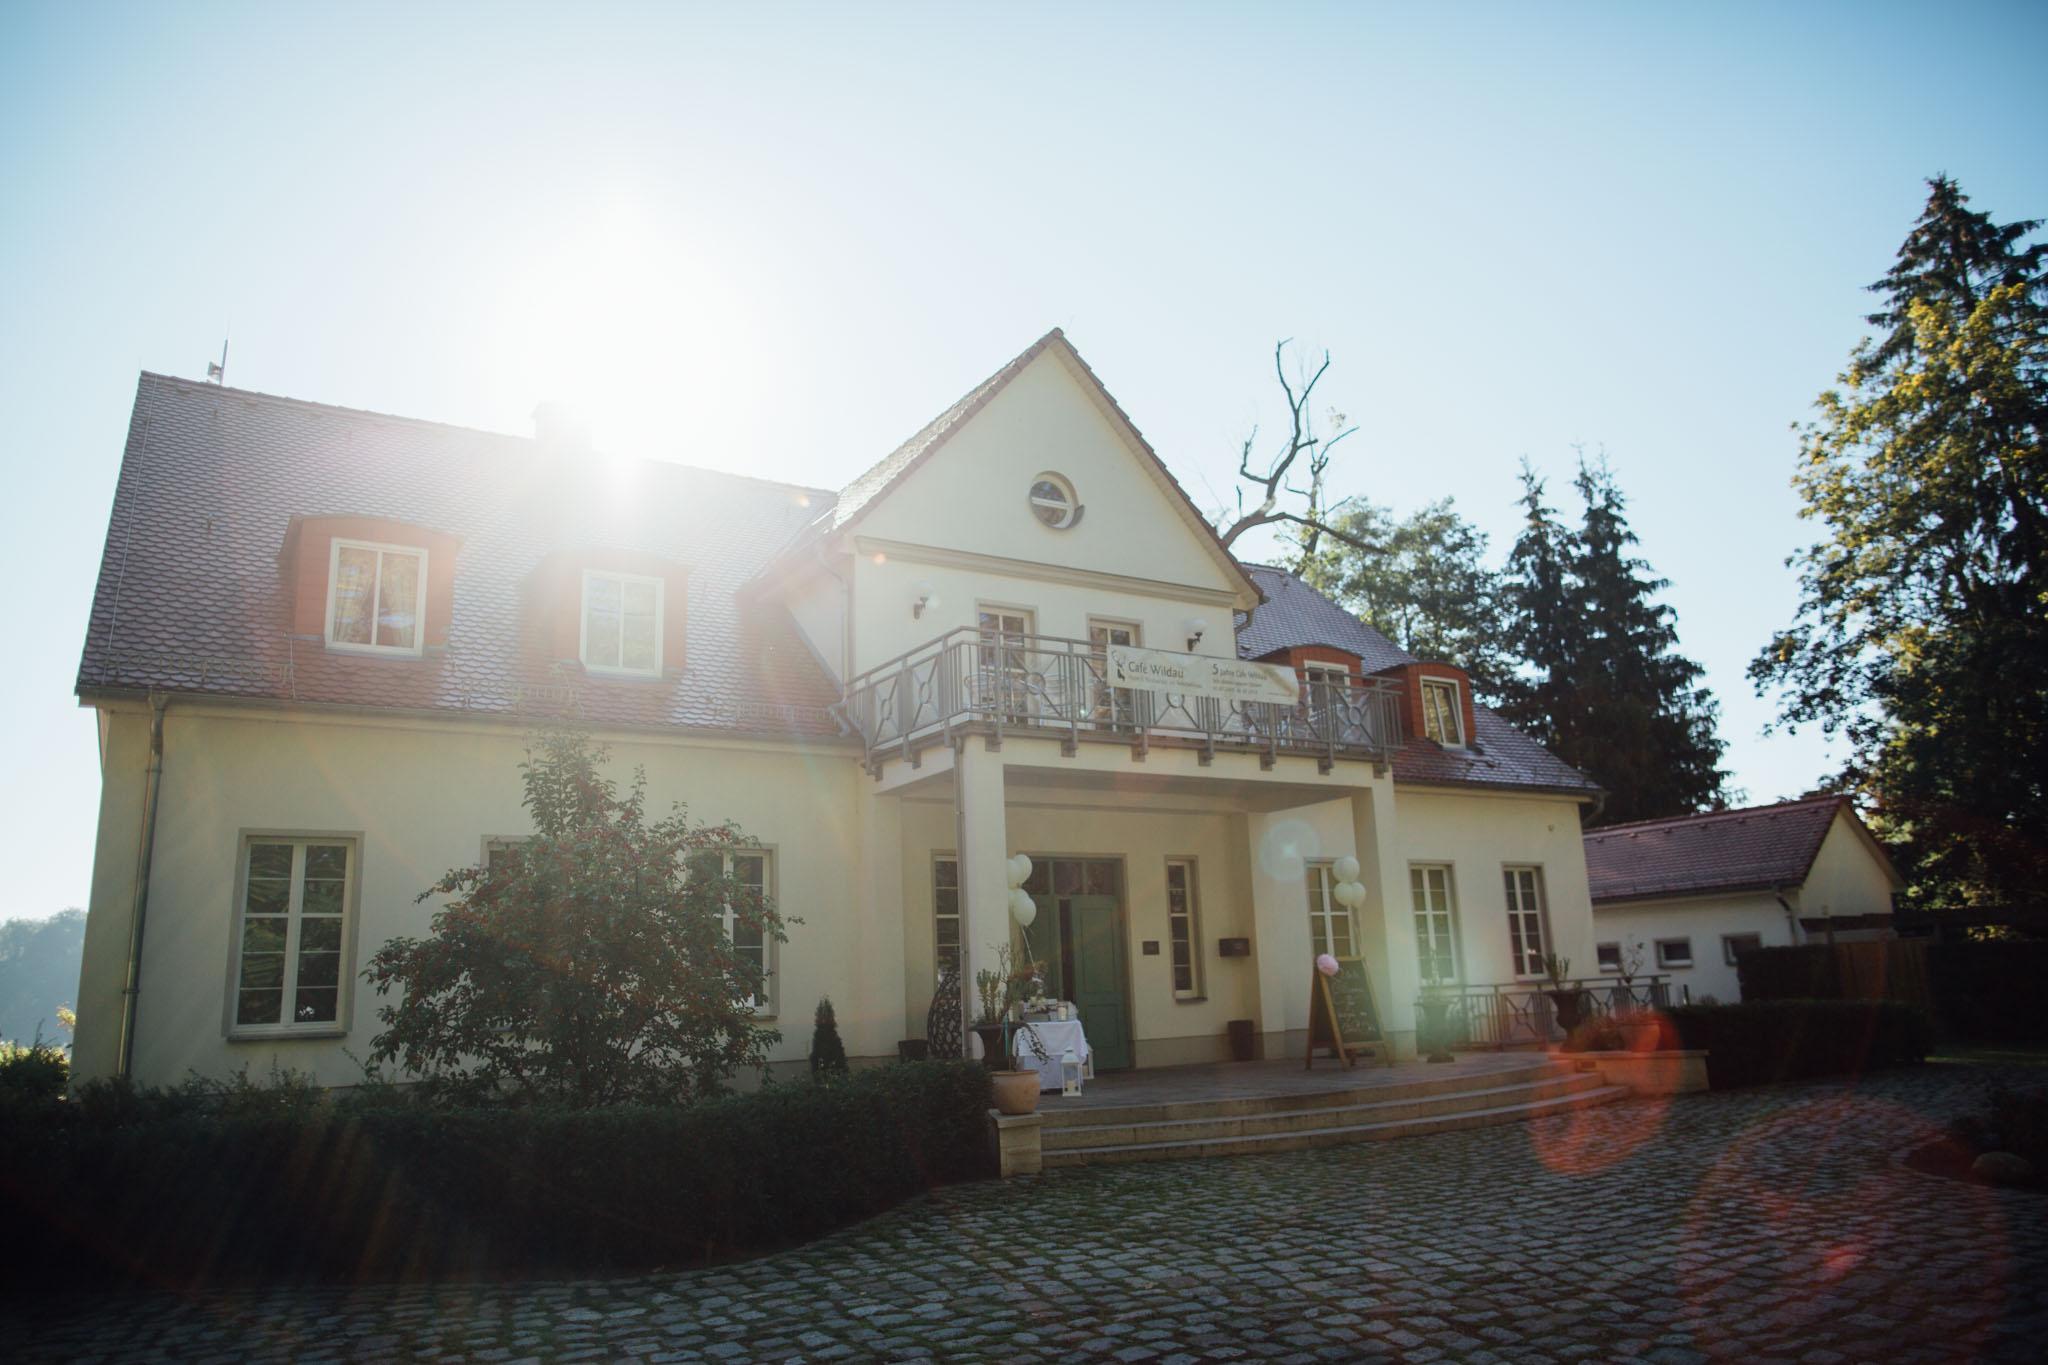 Café Wildau Werbellinsee Eichhorst Schorfheide